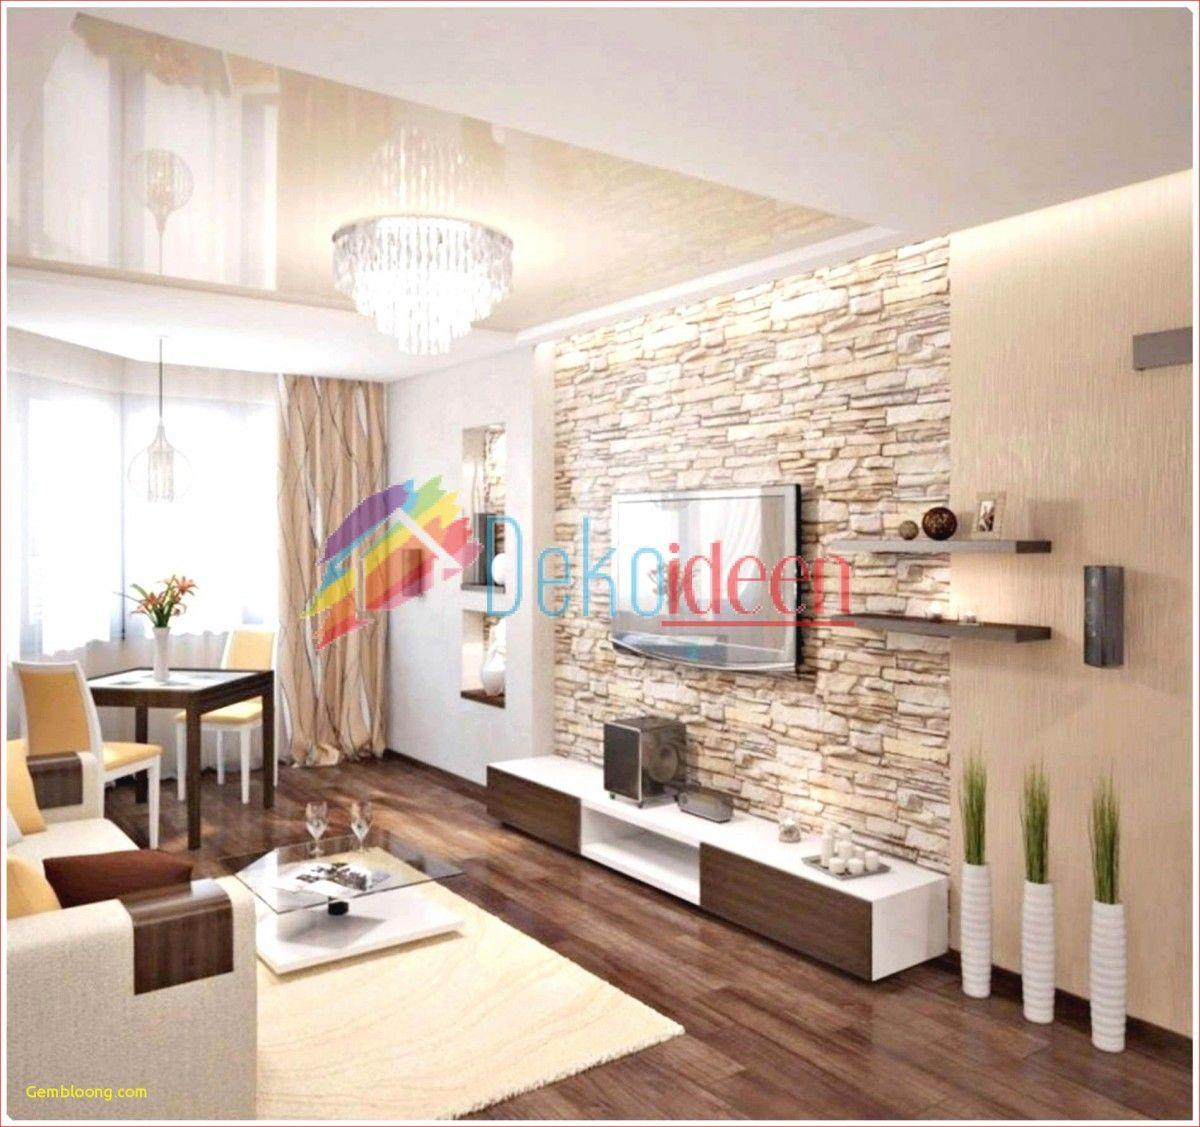 9+ deko für wohnzimmer wände ideen  Living room decor modern